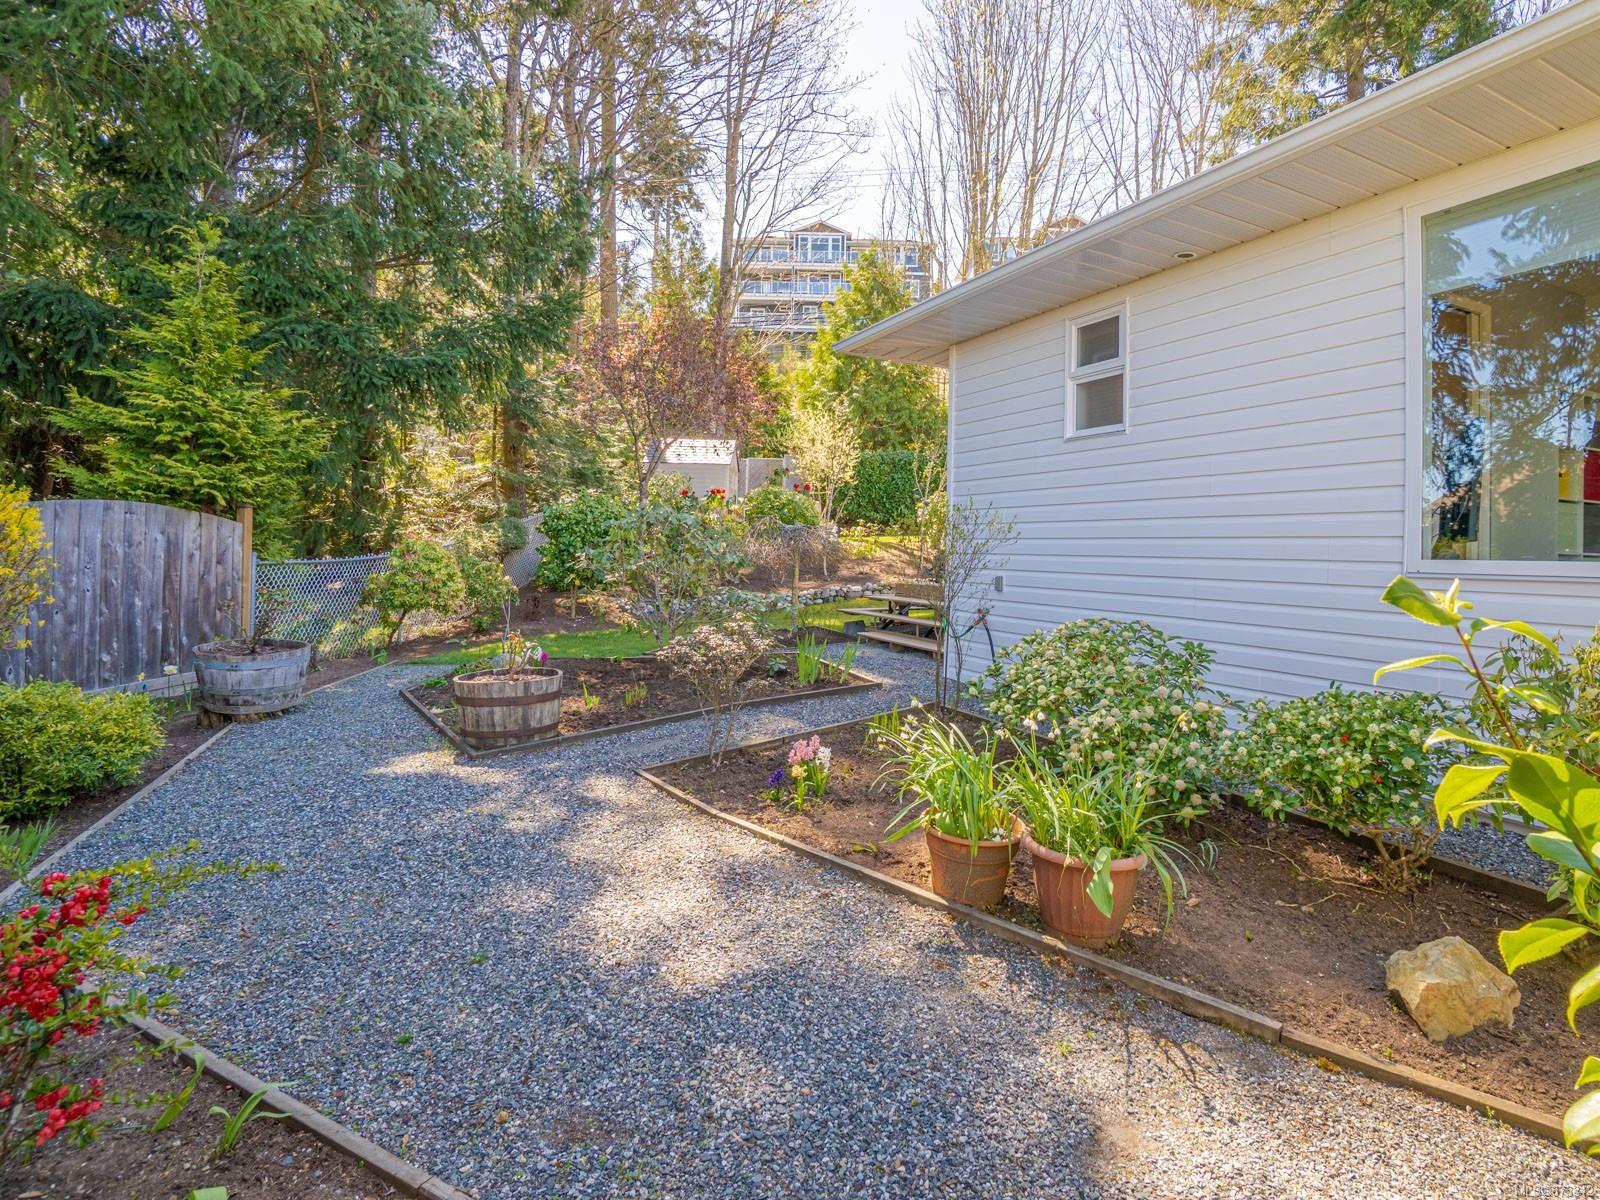 Photo 56: Photos: 5294 Catalina Dr in : Na North Nanaimo House for sale (Nanaimo)  : MLS®# 873342